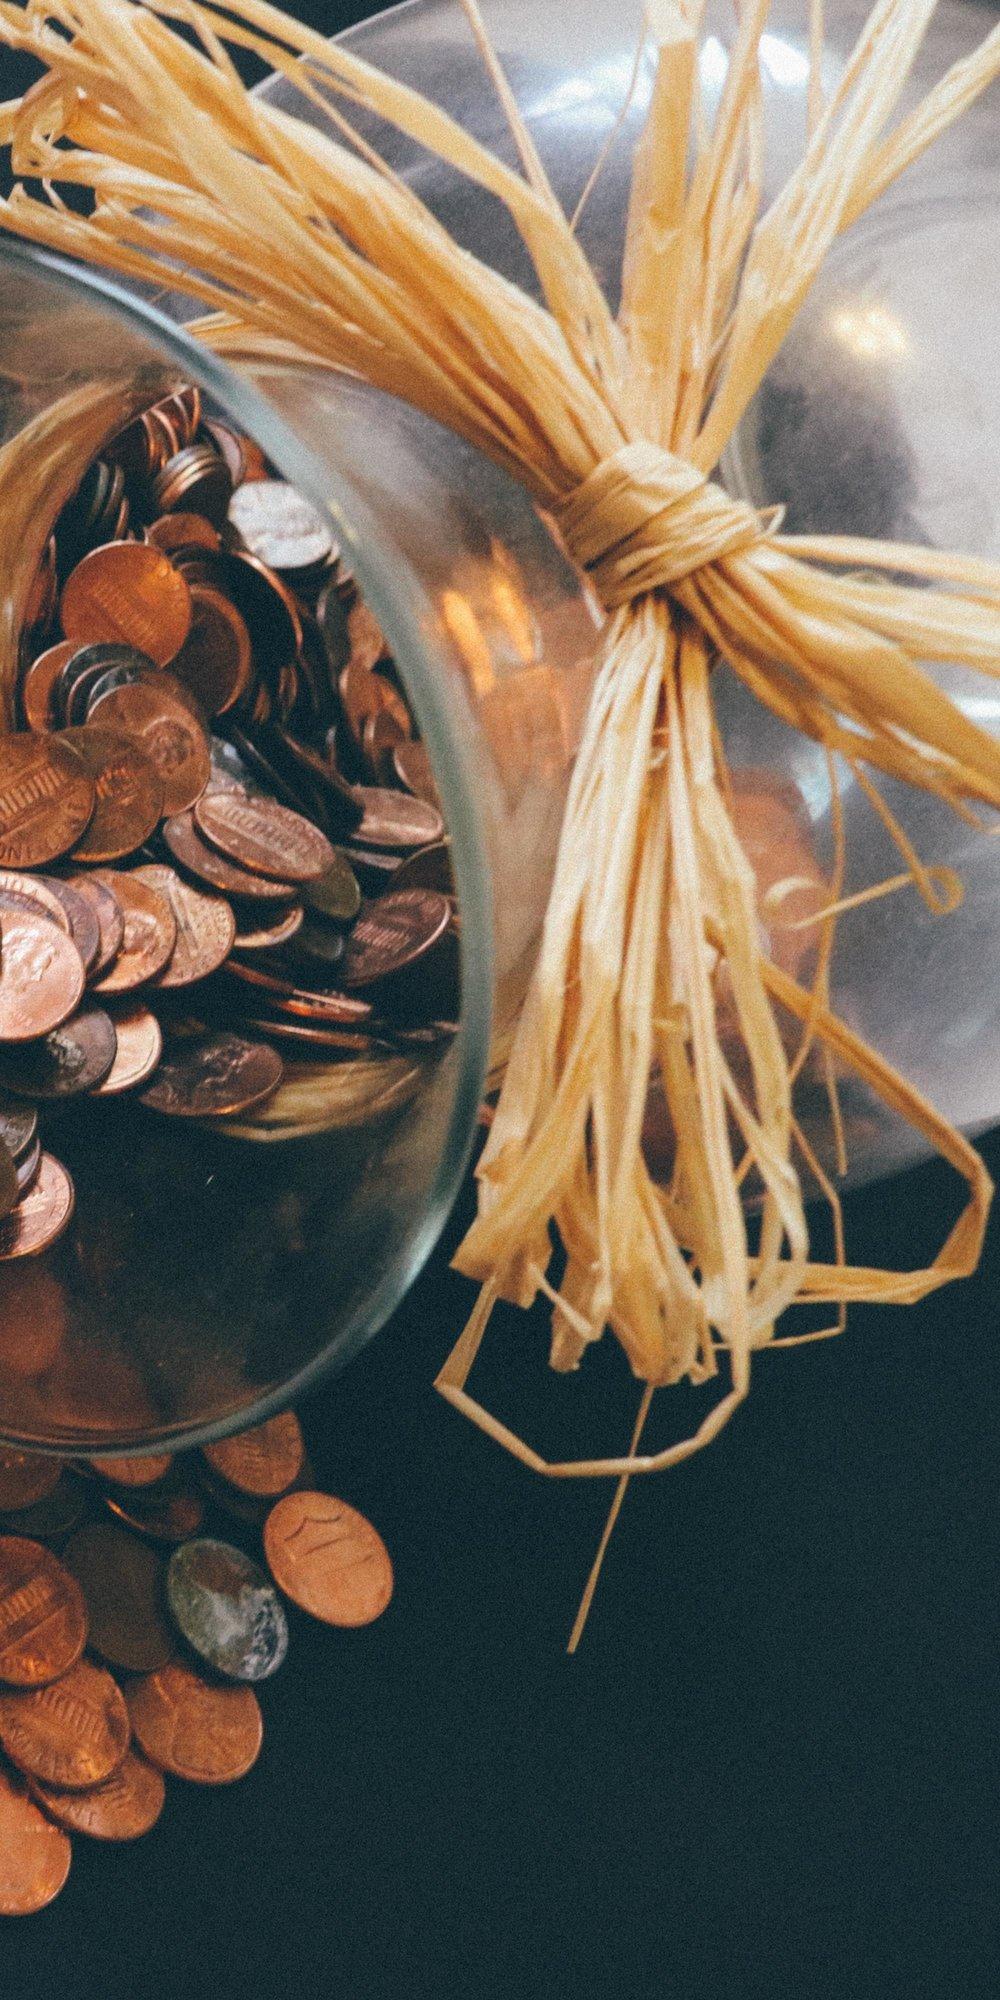 cash-coins-money-259165 [www.imagesplitter.net]-0-2.jpeg